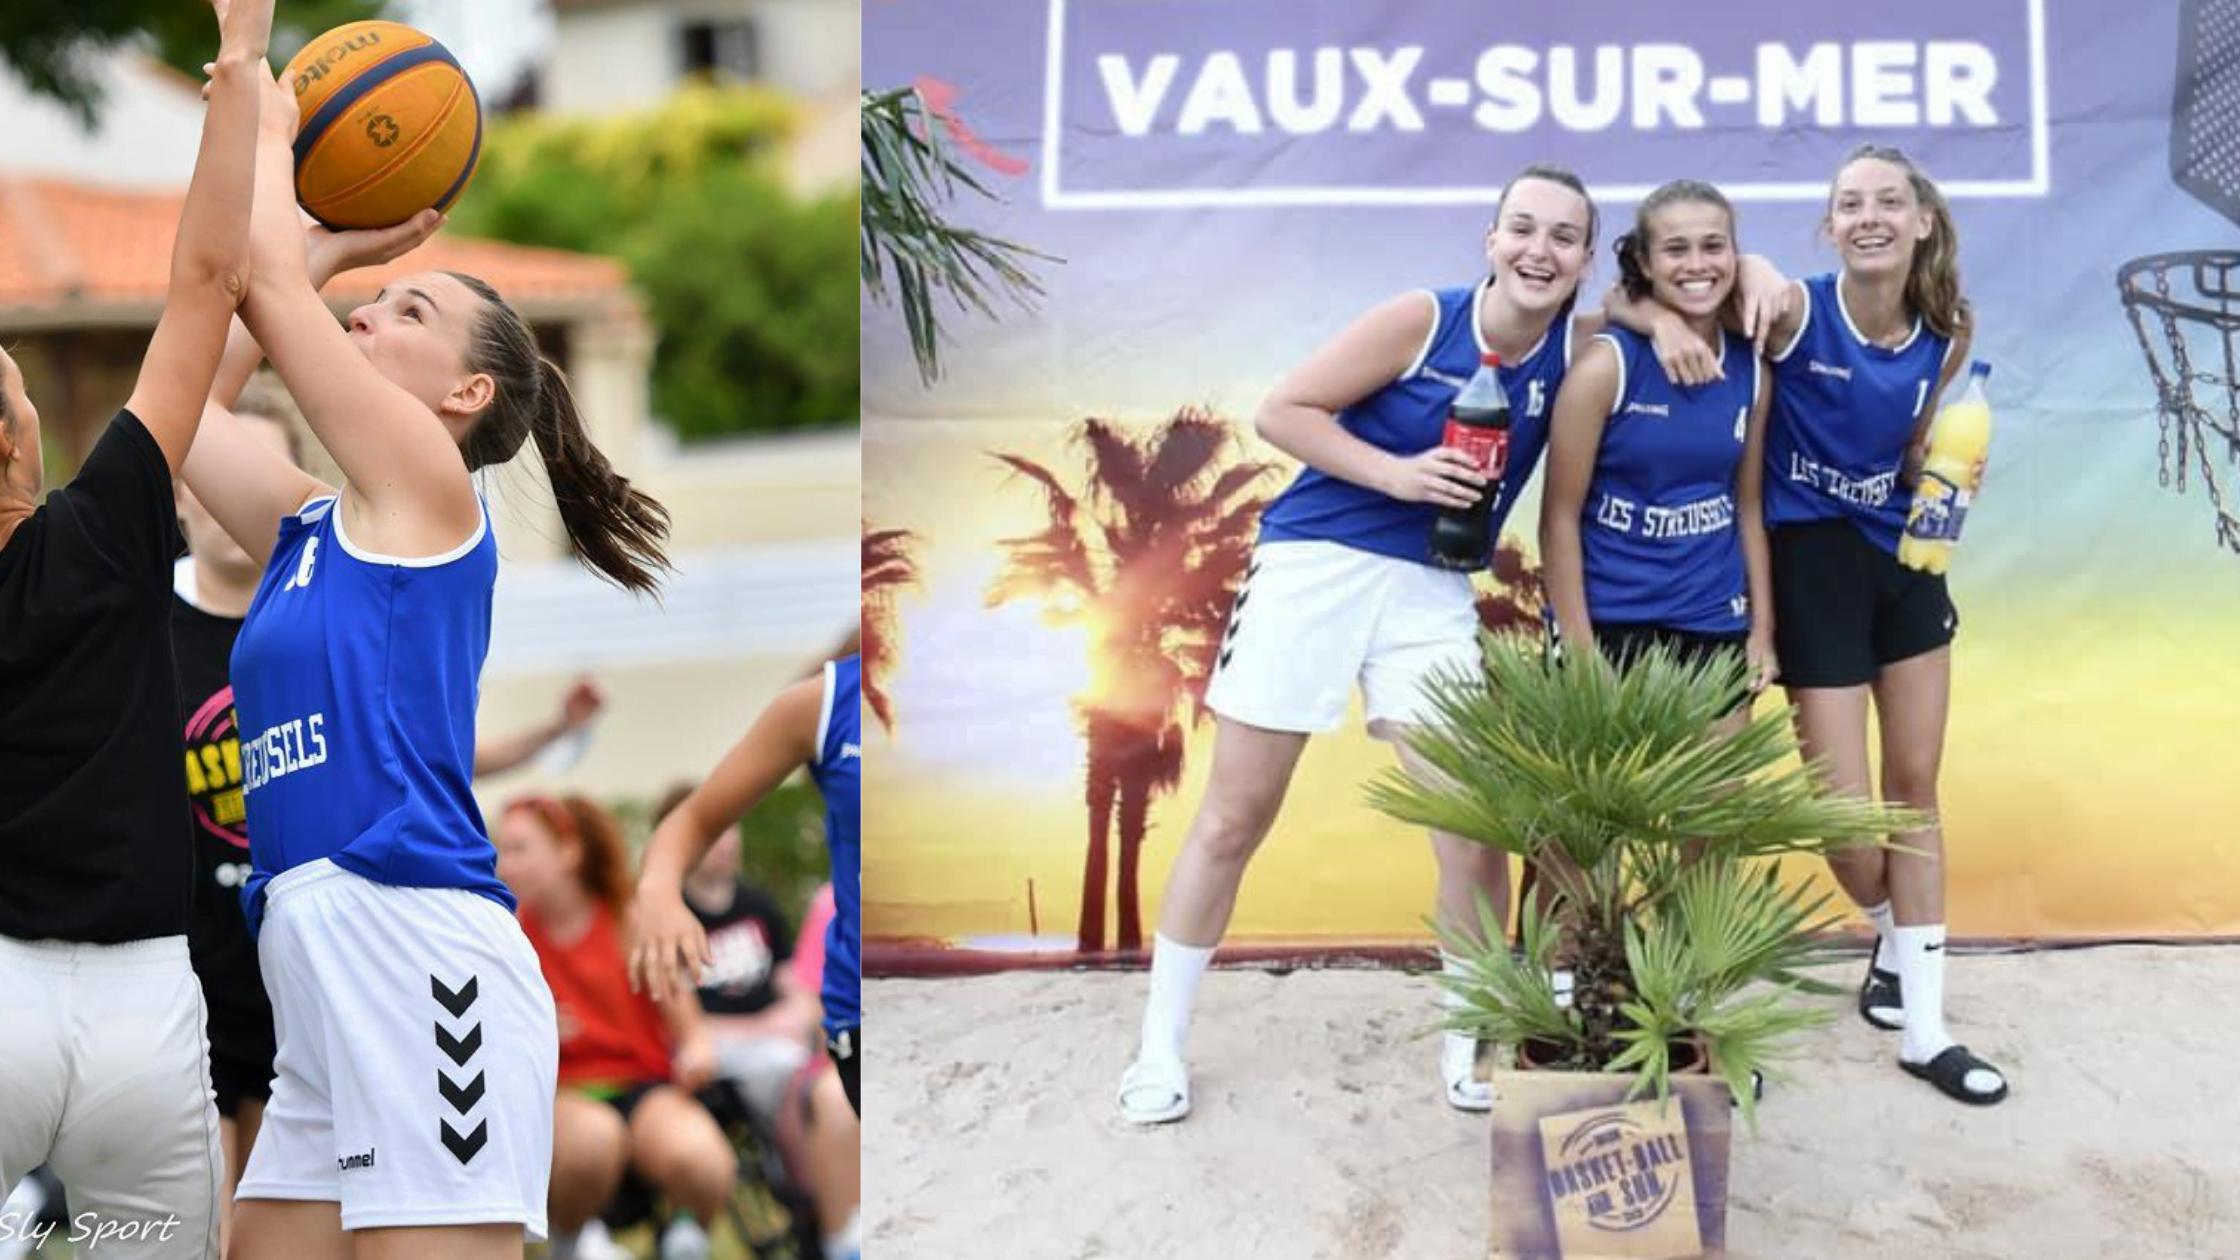 """Inès Bequet : """"Cette victoire ajoute également une fierté personnelle !"""""""